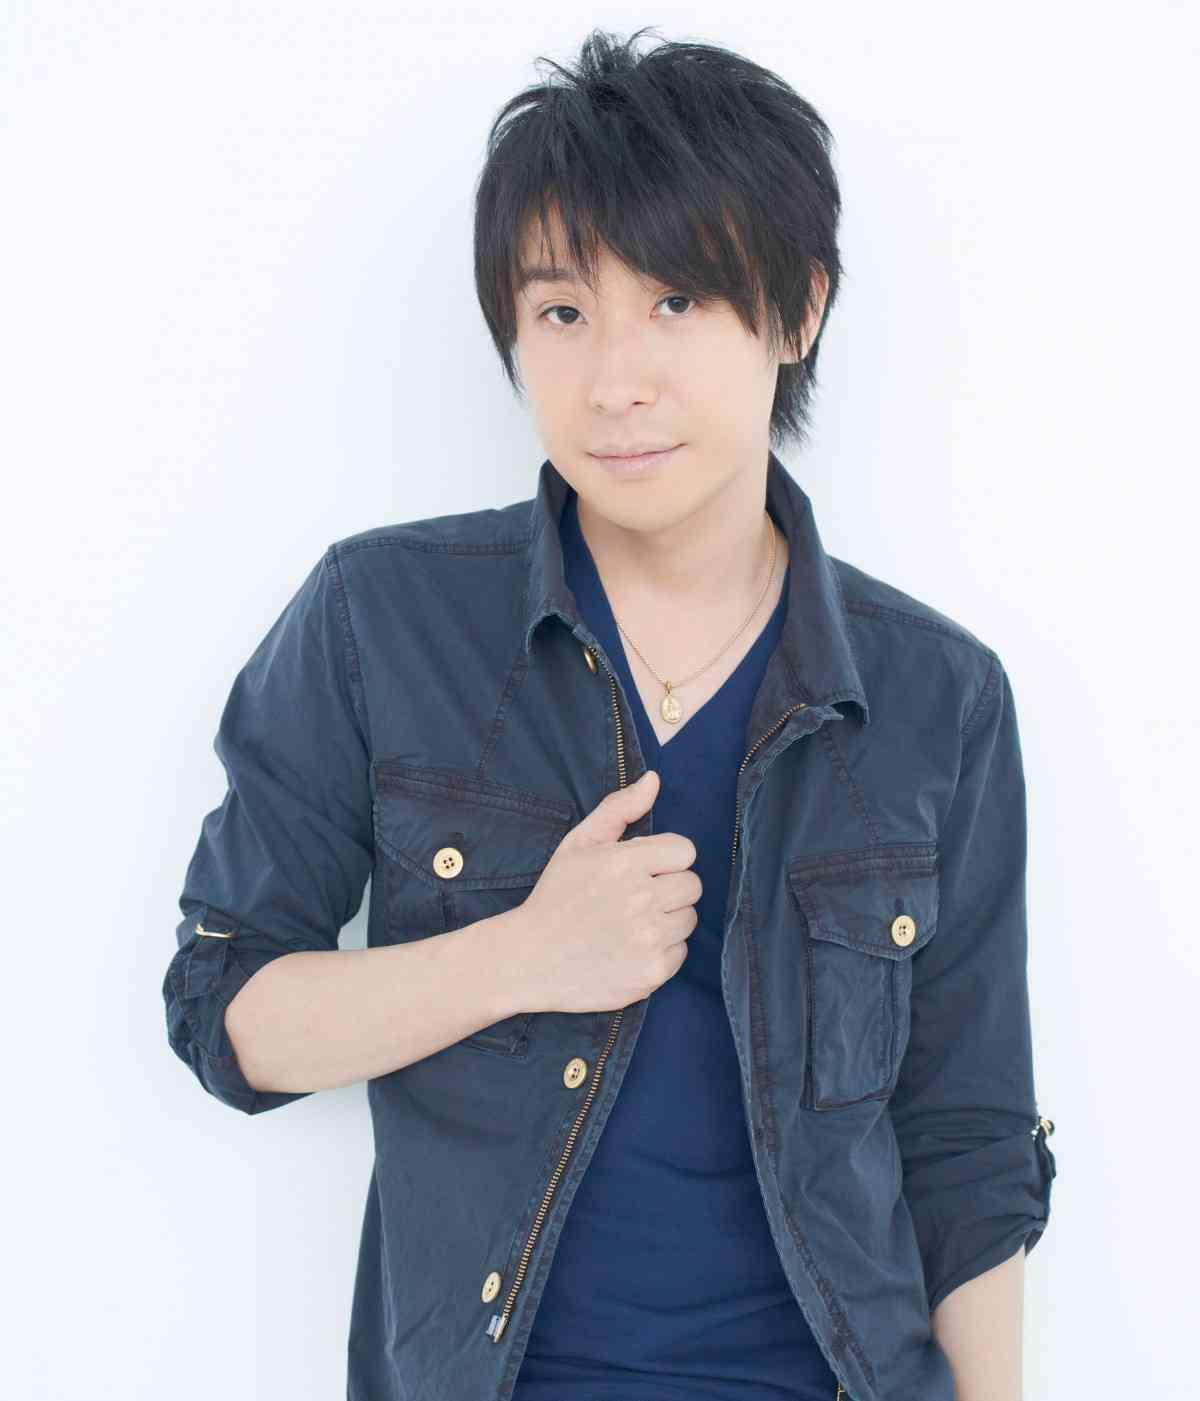 人気声優・鈴村健一、俳優として『亜人』に出演!実弟のため - シネマトゥデイ